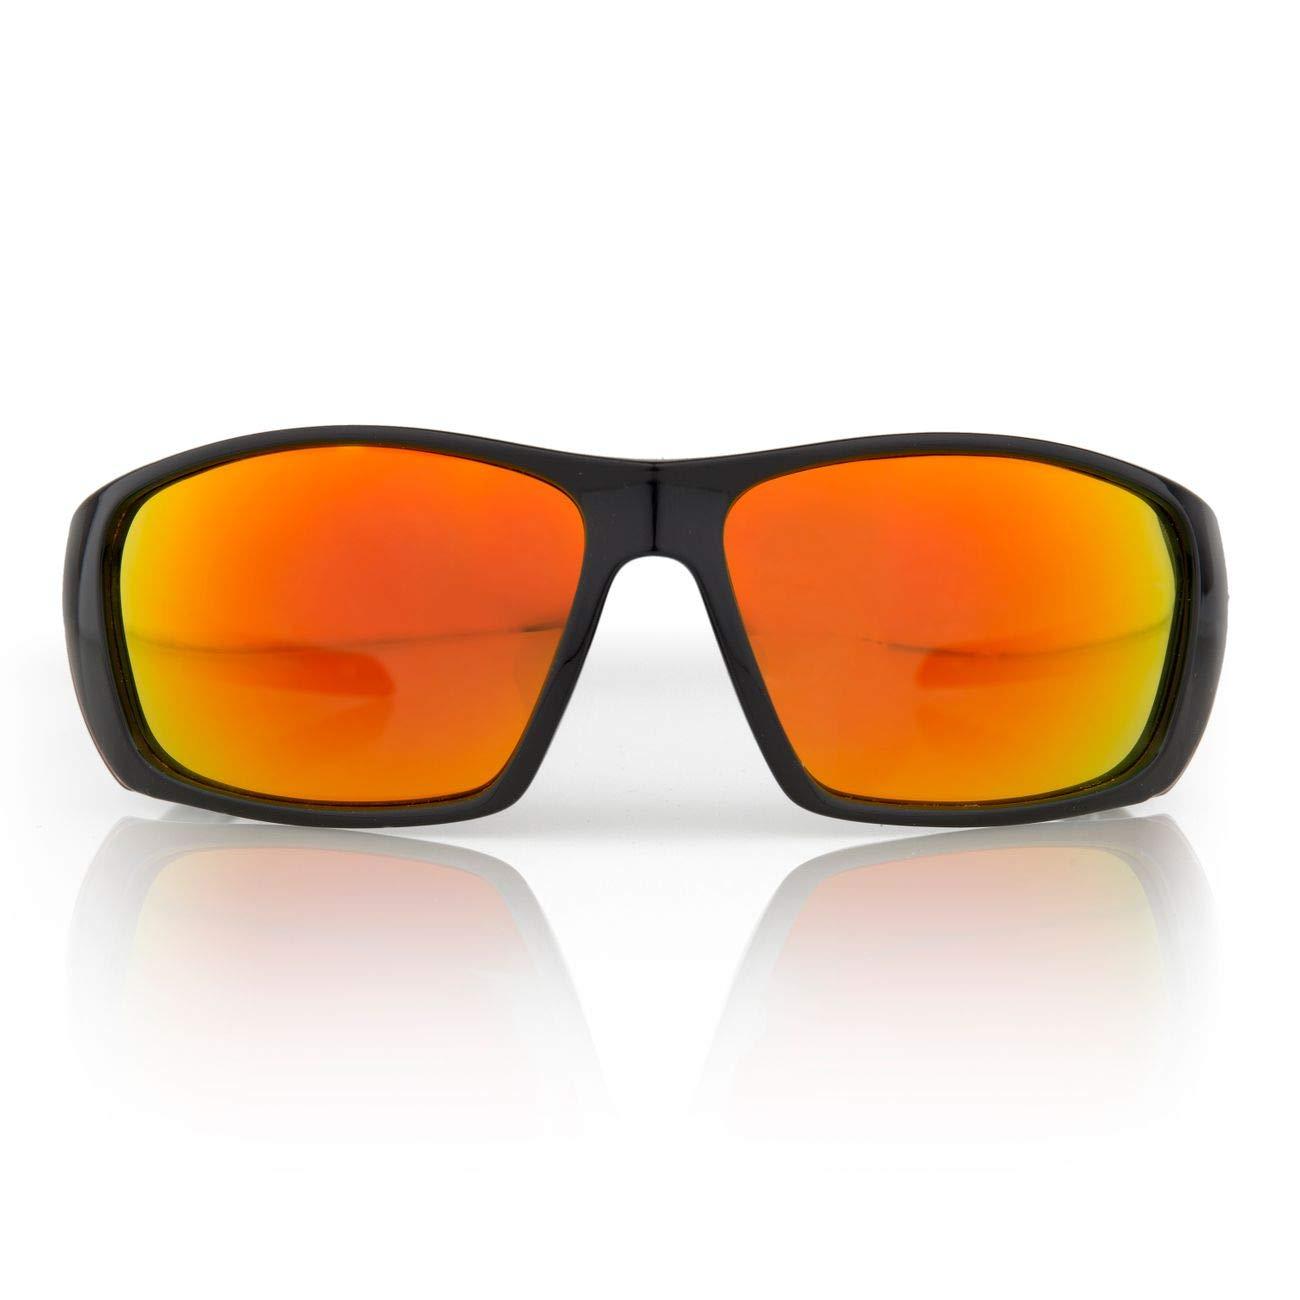 [ギル] トレーサー サングラス Tracer Sunglasses ブラック 9667 ONESIZE   B01A8BJI26